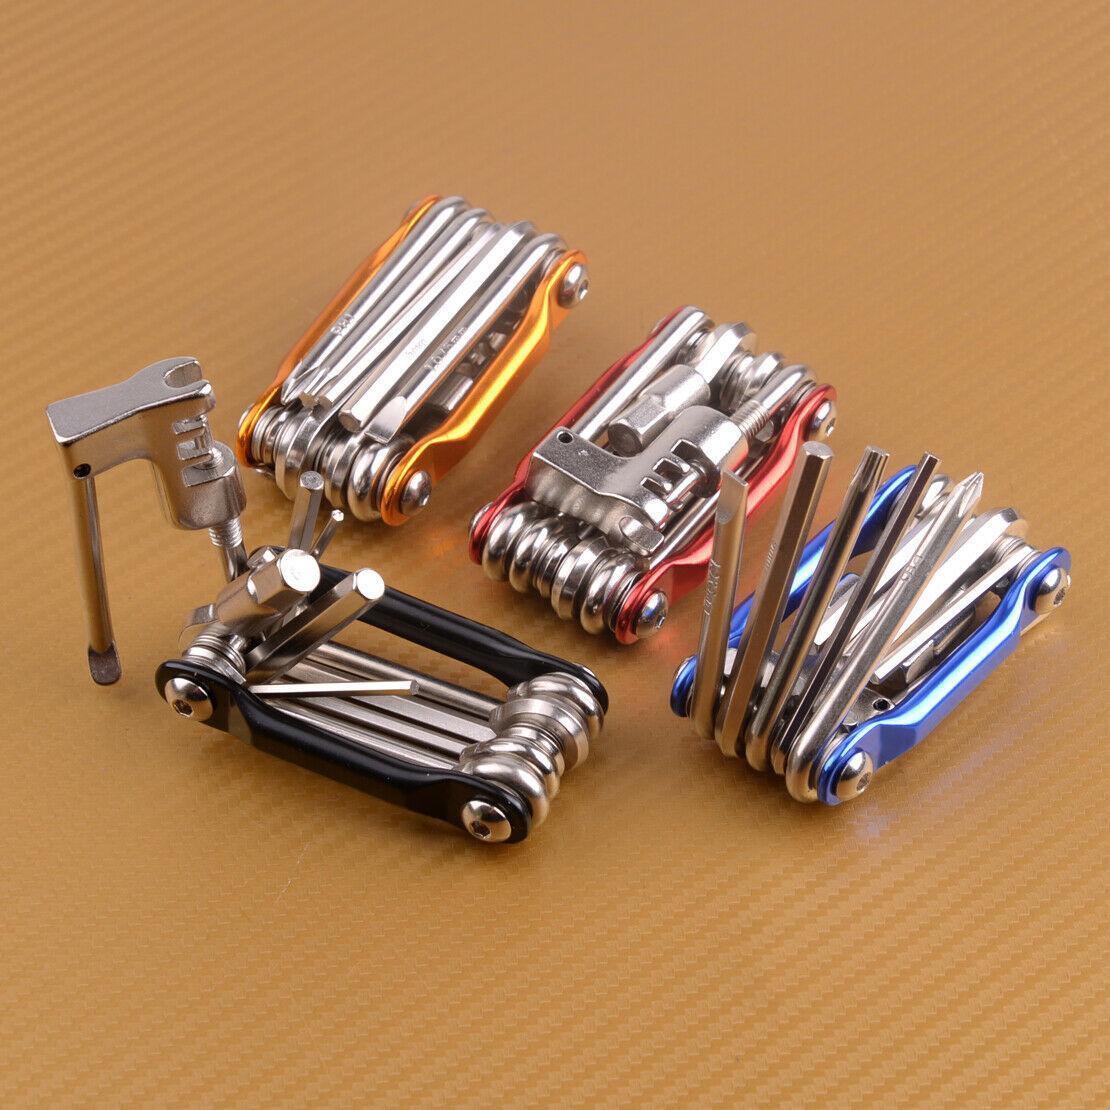 11 in 1 Multifunktionsfahrrad Hex Speichenschlüssel Schraubendreher Fahrrad-Reparatur-Werkzeug-Set MTB Straßen-Gebirgsfahrrad-Wartungstools Set